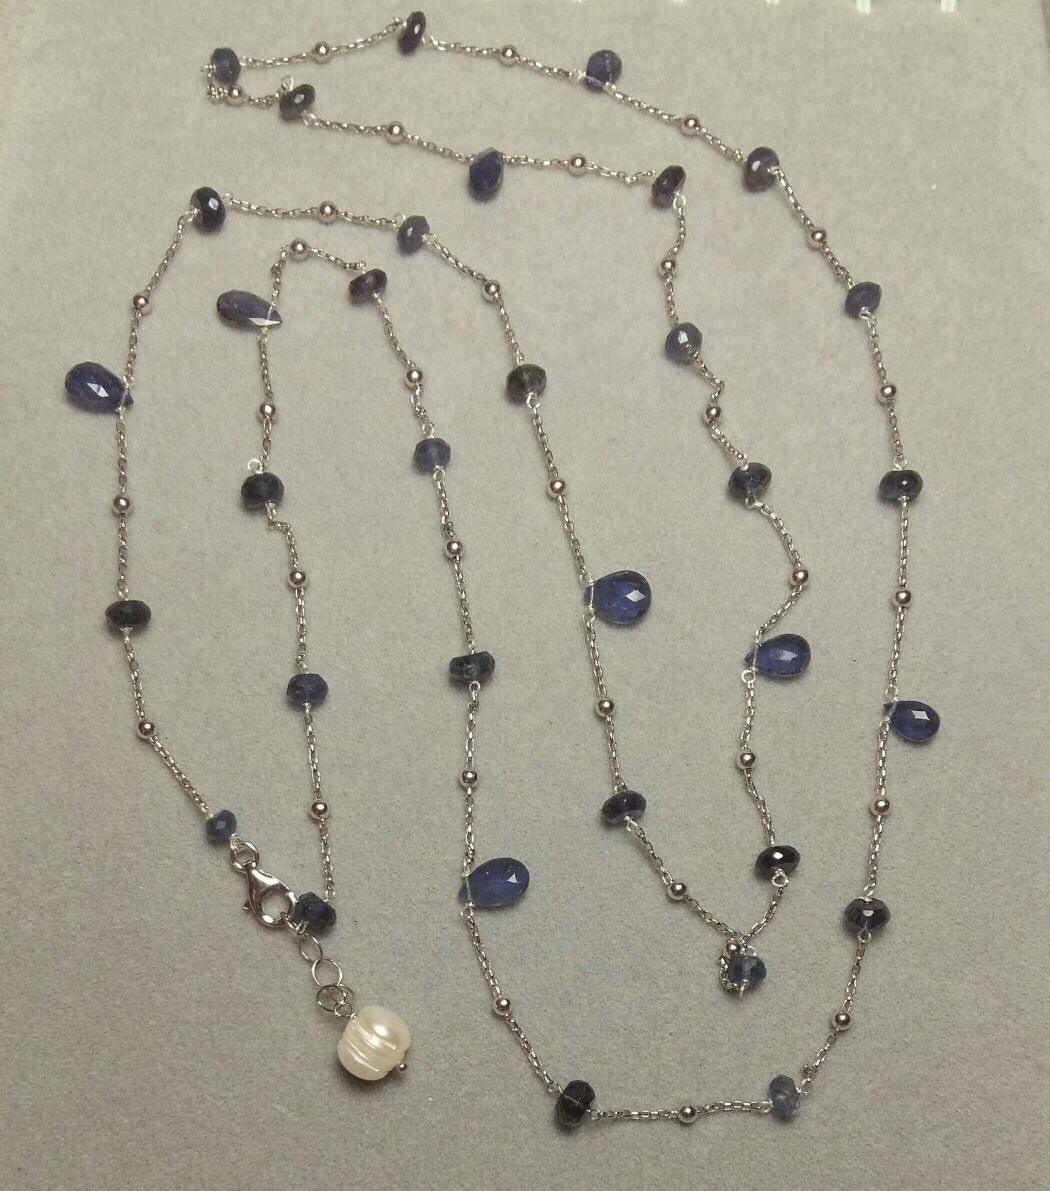 Collana in argento concatenata con pietre semi preziose